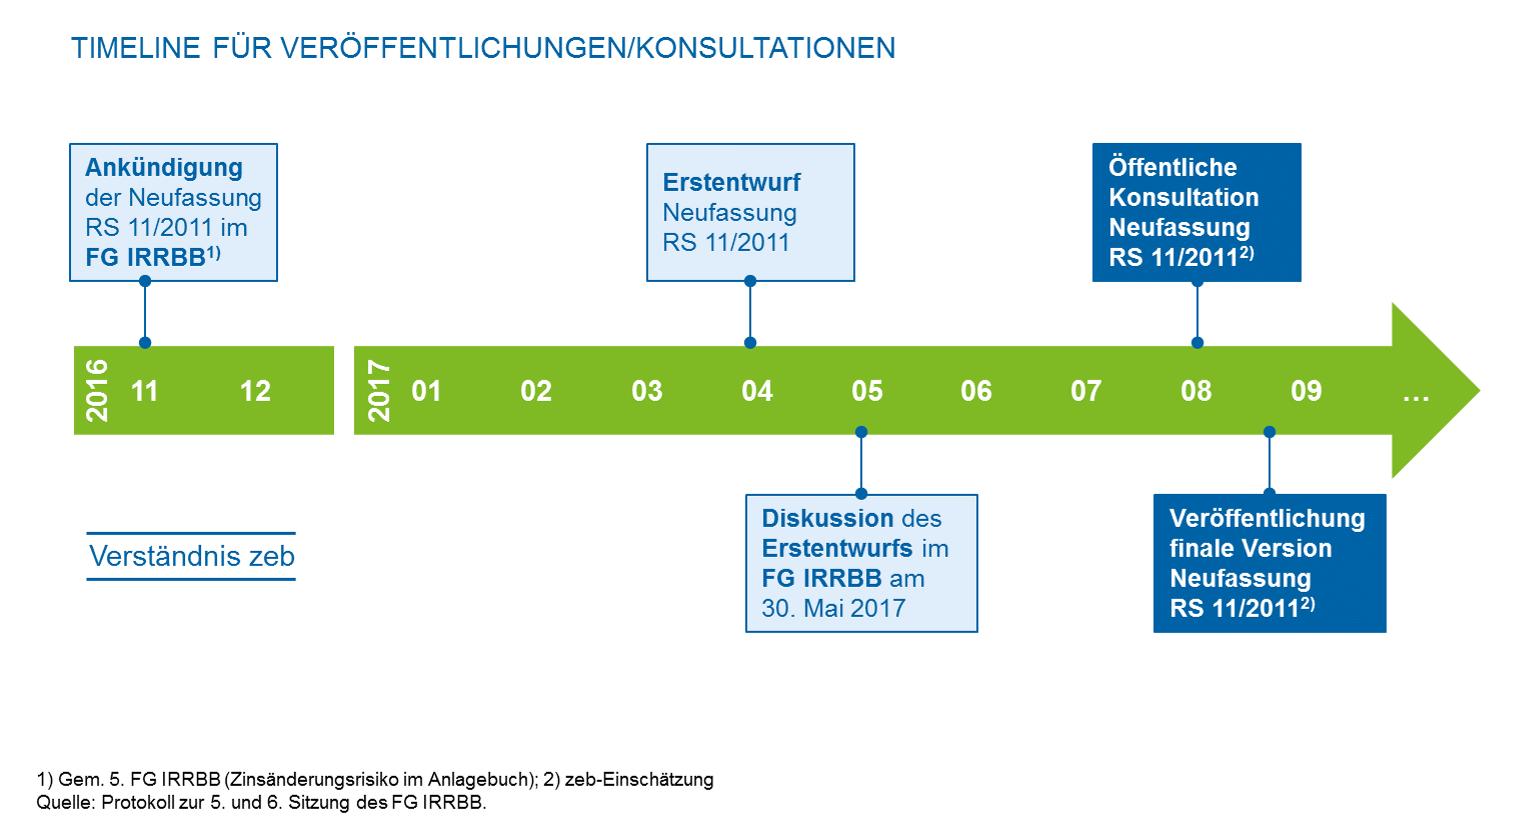 Neufassung des BaFin-Rundschreibens zum Standardzinsschock Timeline für die Neufassung des RS 11/2011 (BA) zum Standardzinsschock